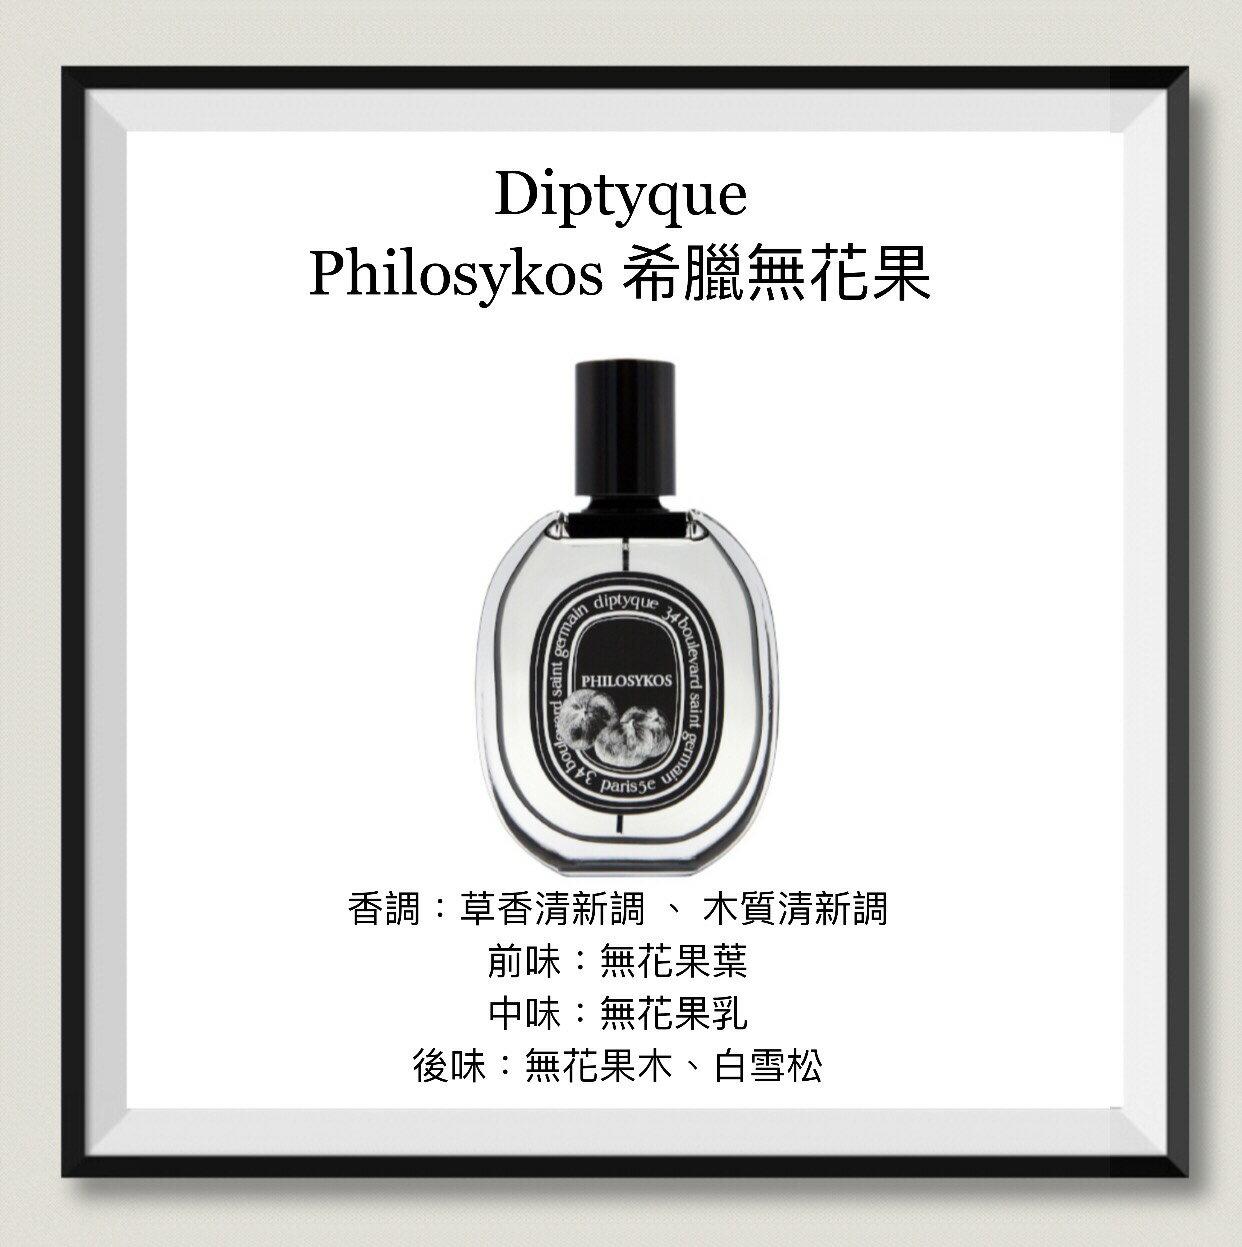 【香舍】Diptyque Philosykos 希臘無花果 中性淡香精 75ML